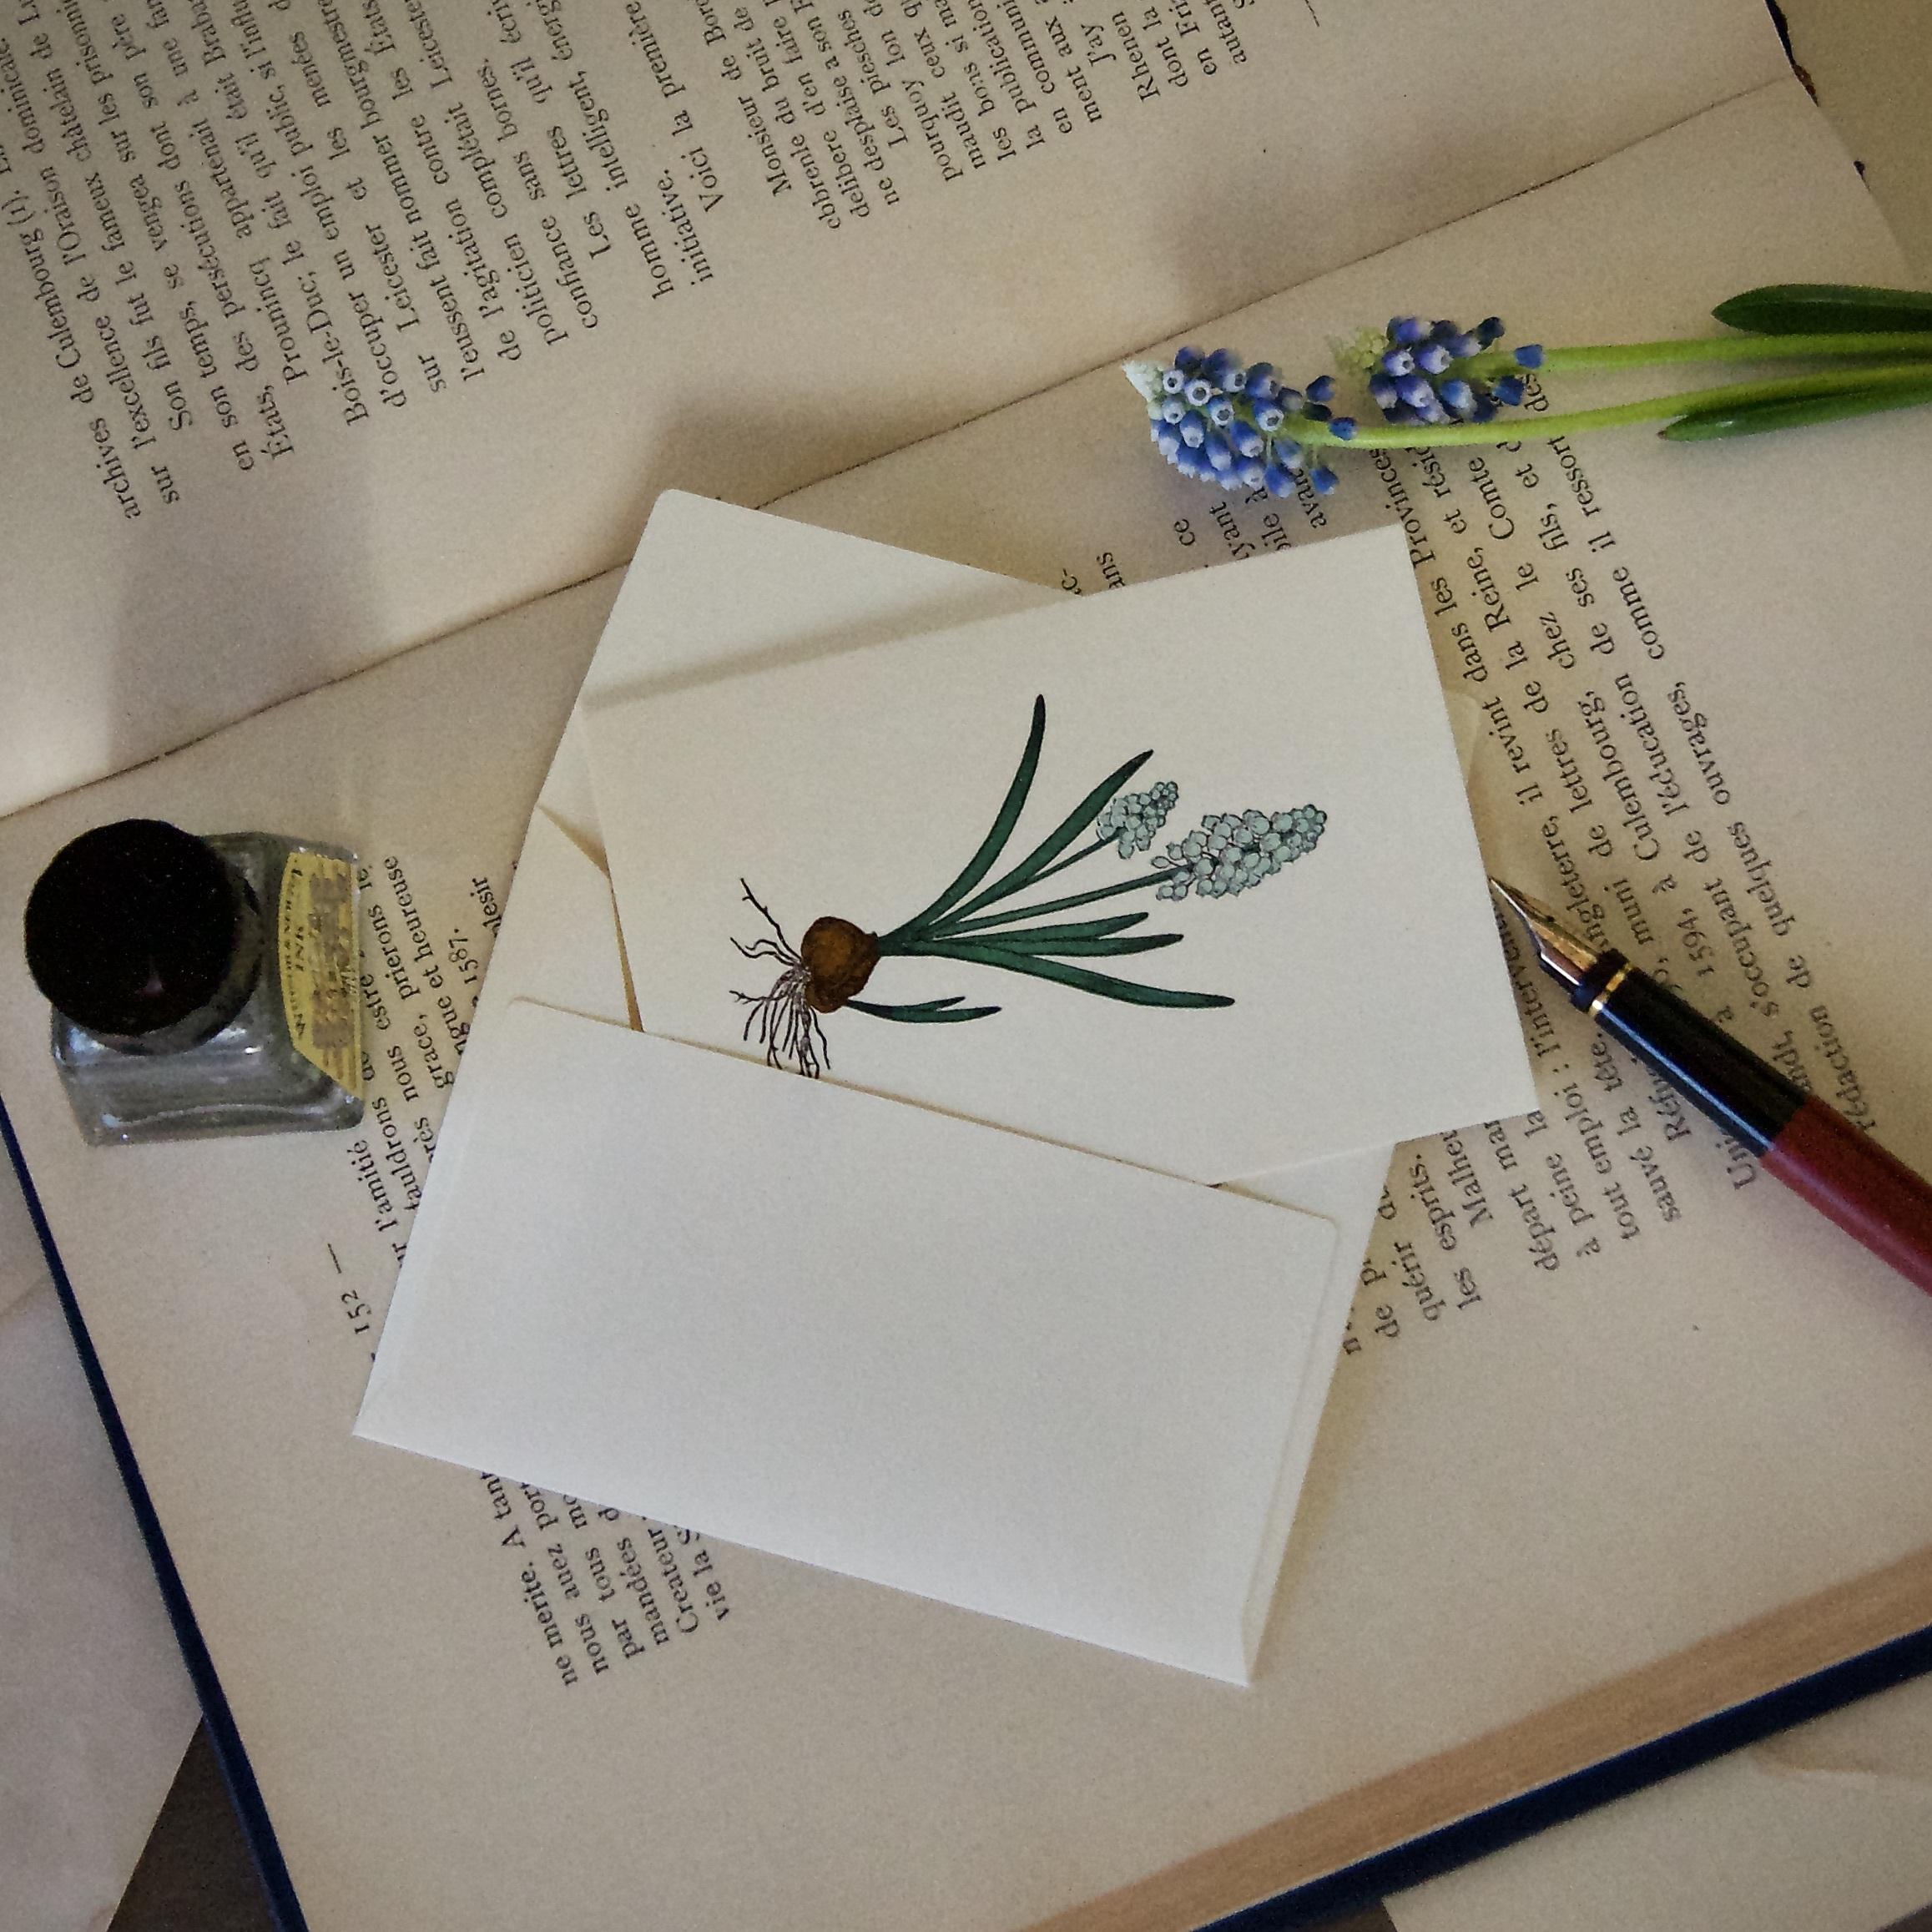 【カード 小】 ムスカリ / カード1枚+封筒1枚/活版印刷